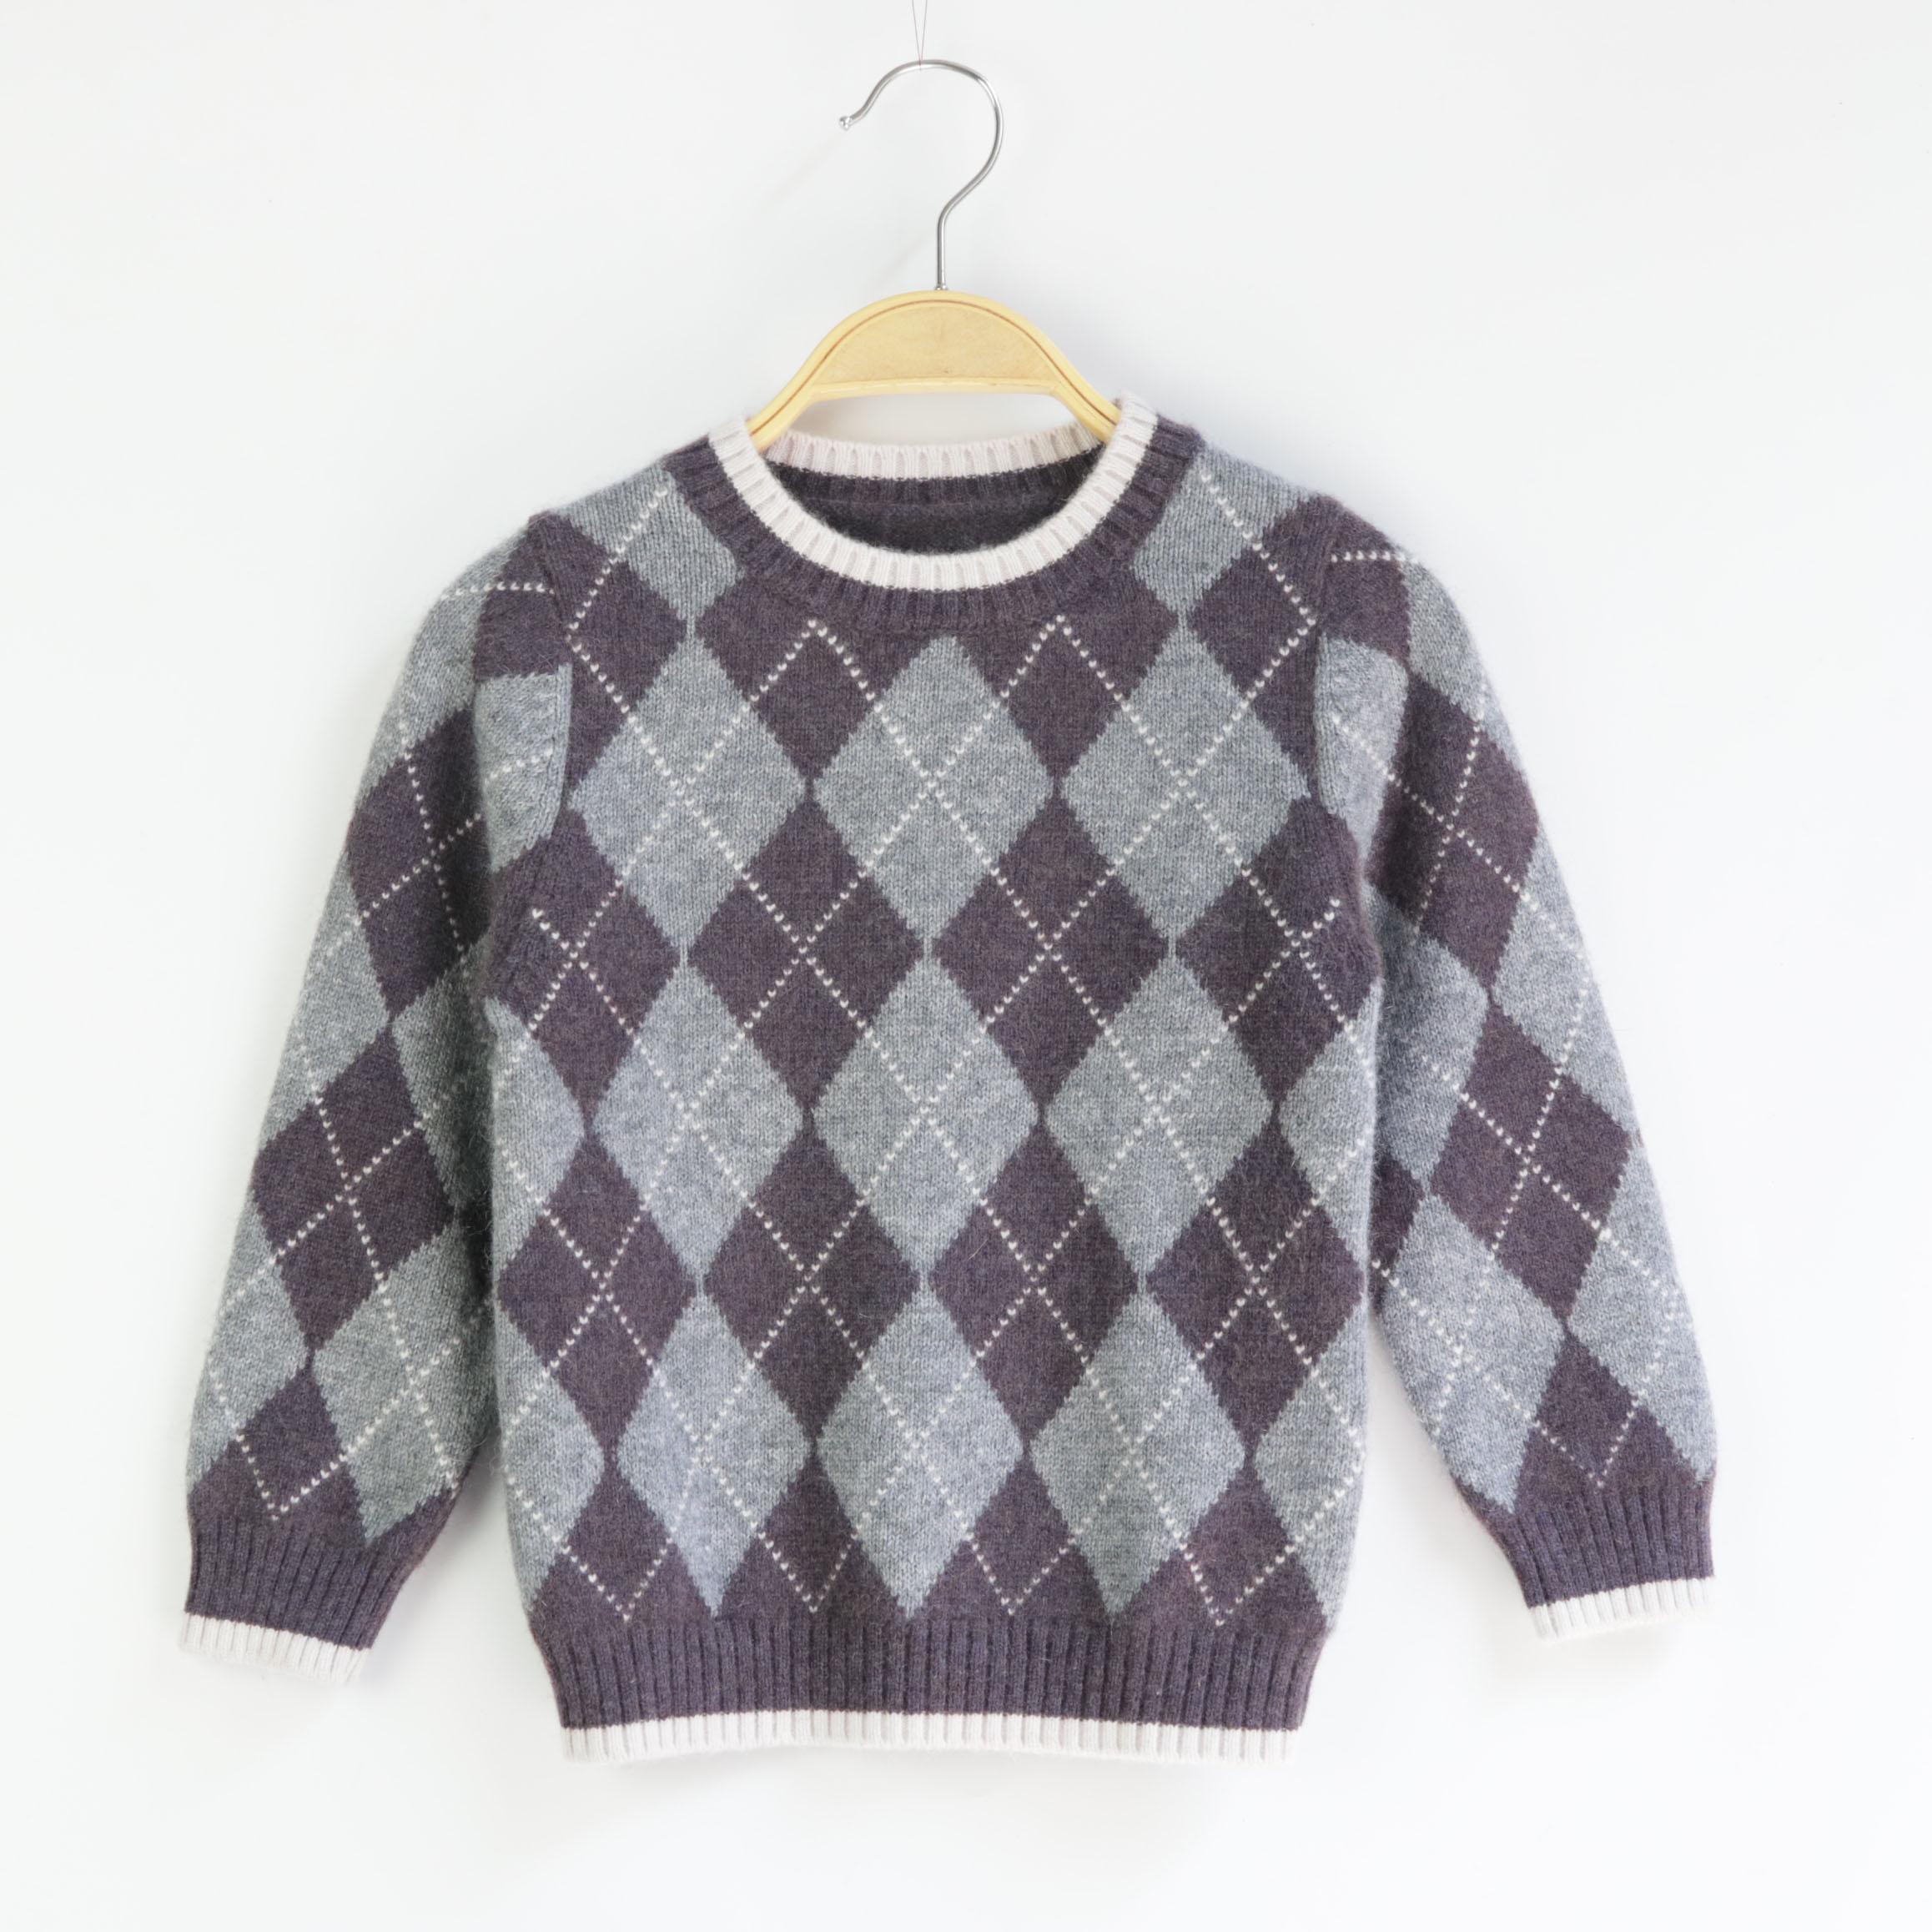 男童毛衣套头加厚秋冬款中大童潮儿童羊绒衫男童小童半高领羊毛衫